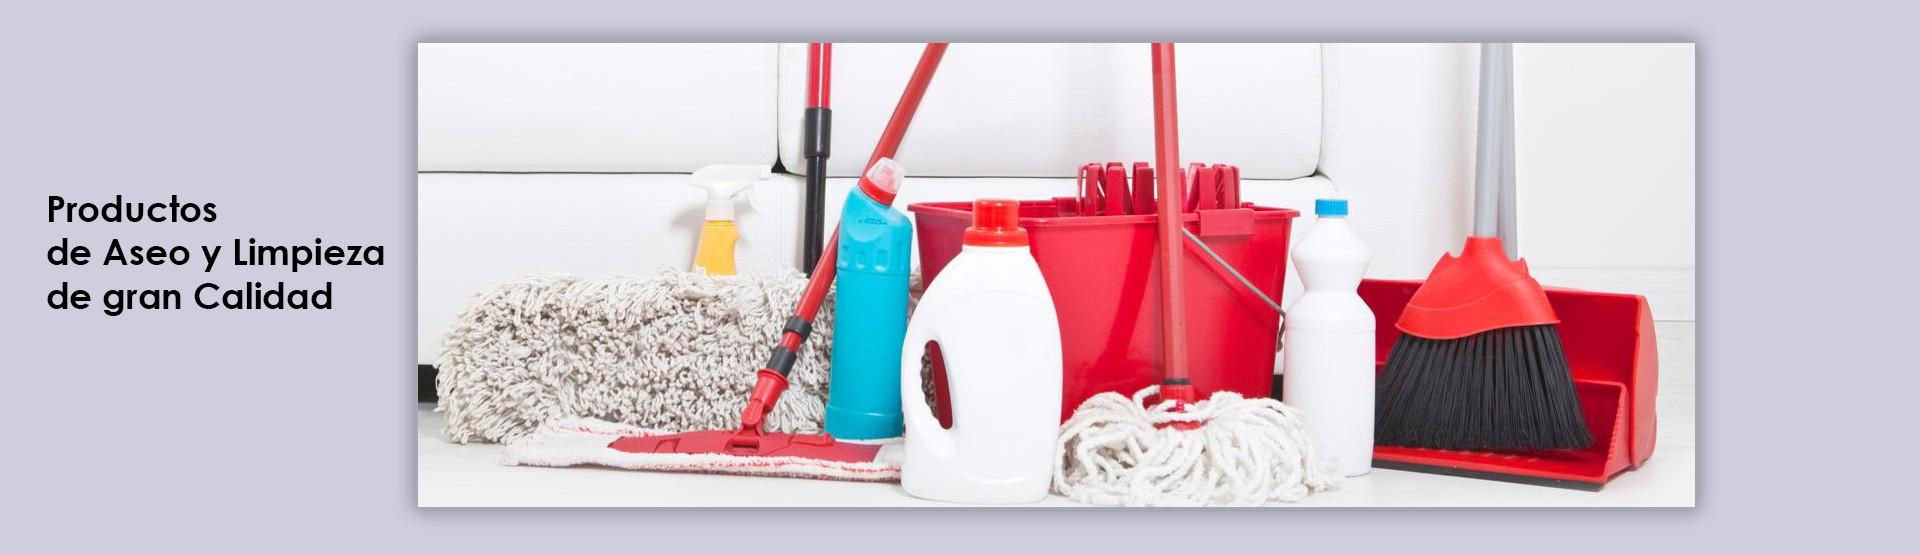 Productos de Aseo y Limpieza de Gran Calidad